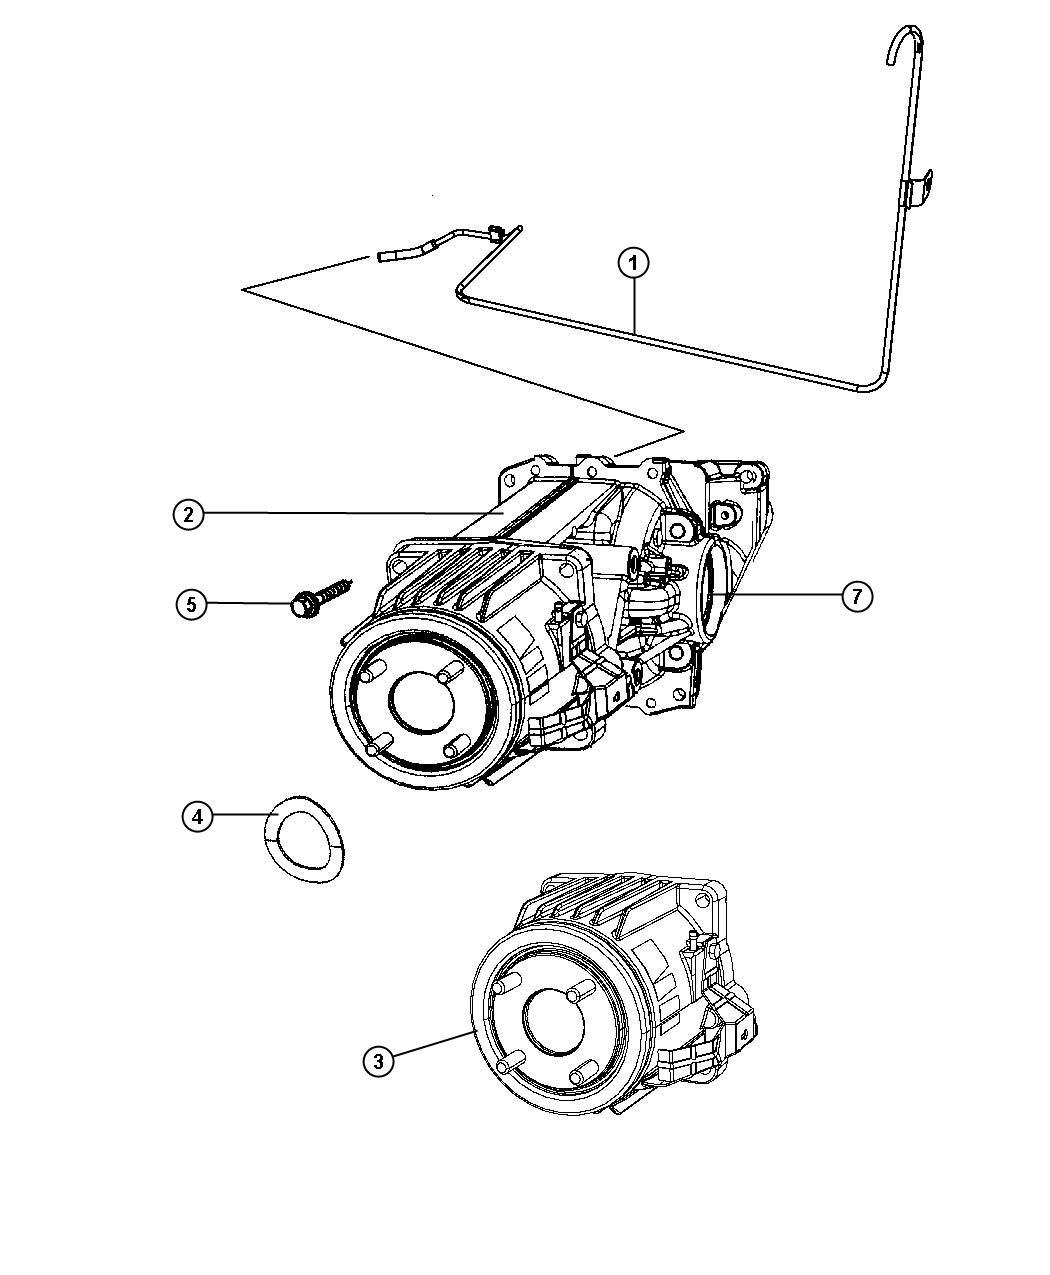 2008 Jeep Patriot Coupling. Electric clutch. [cont.var. W